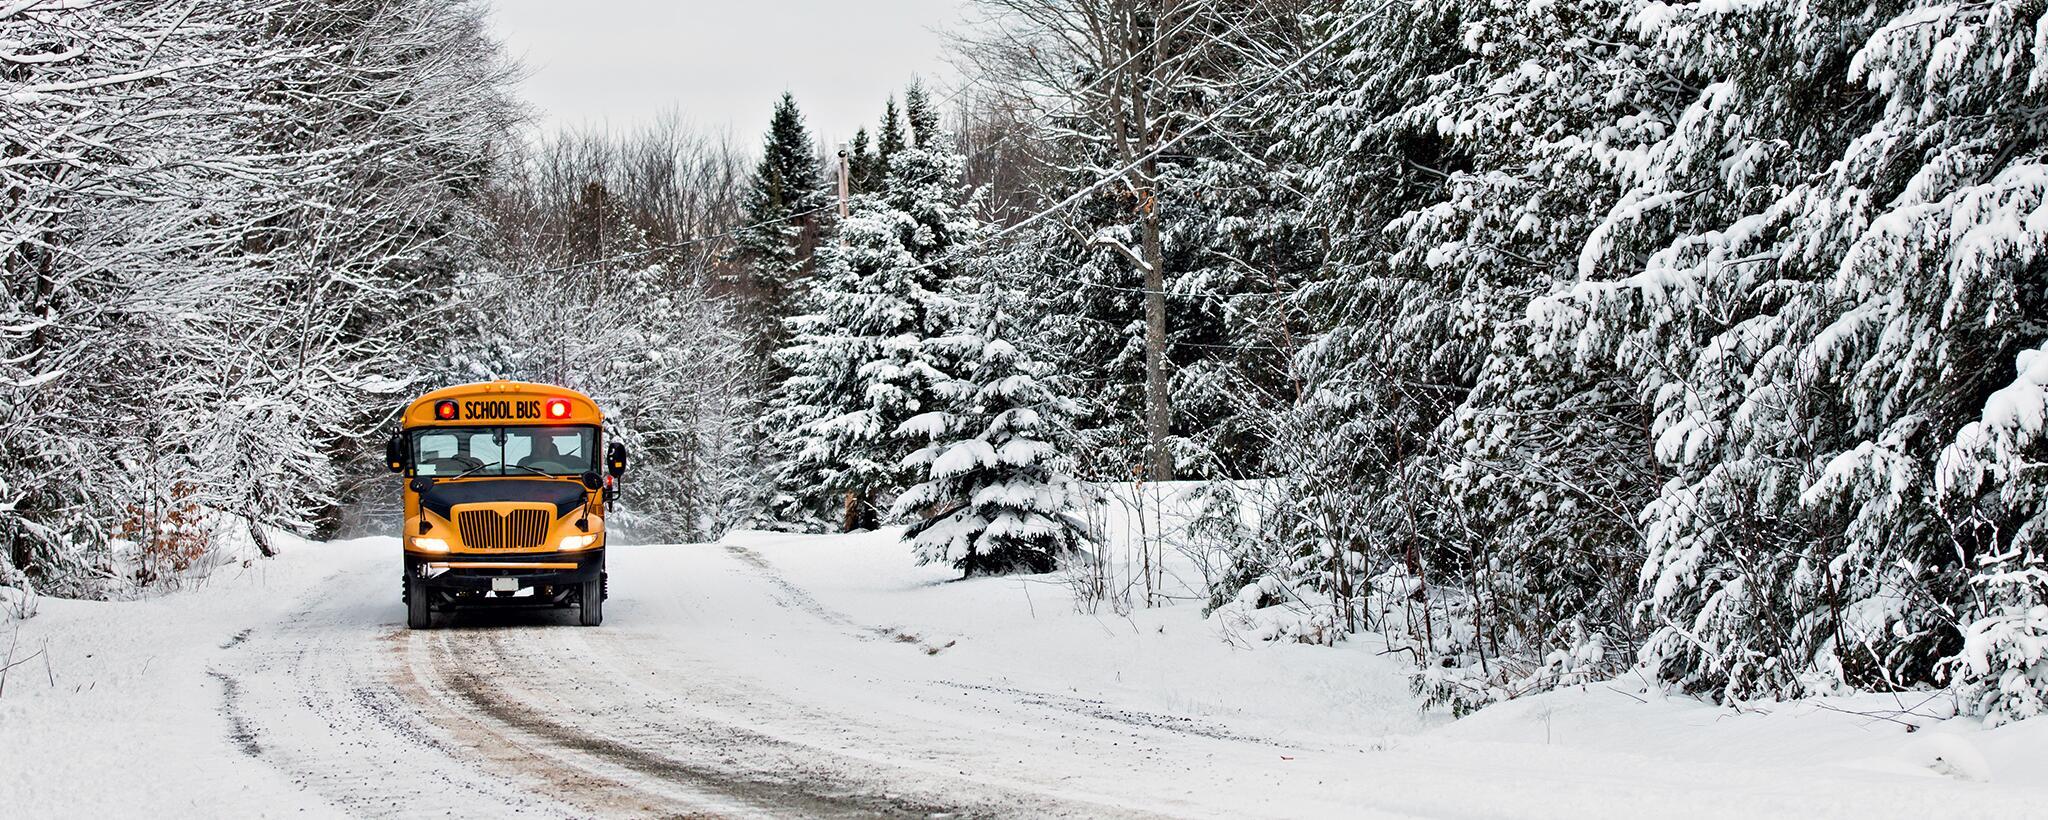 Mùa đông về tuyết phủ trắng xóa